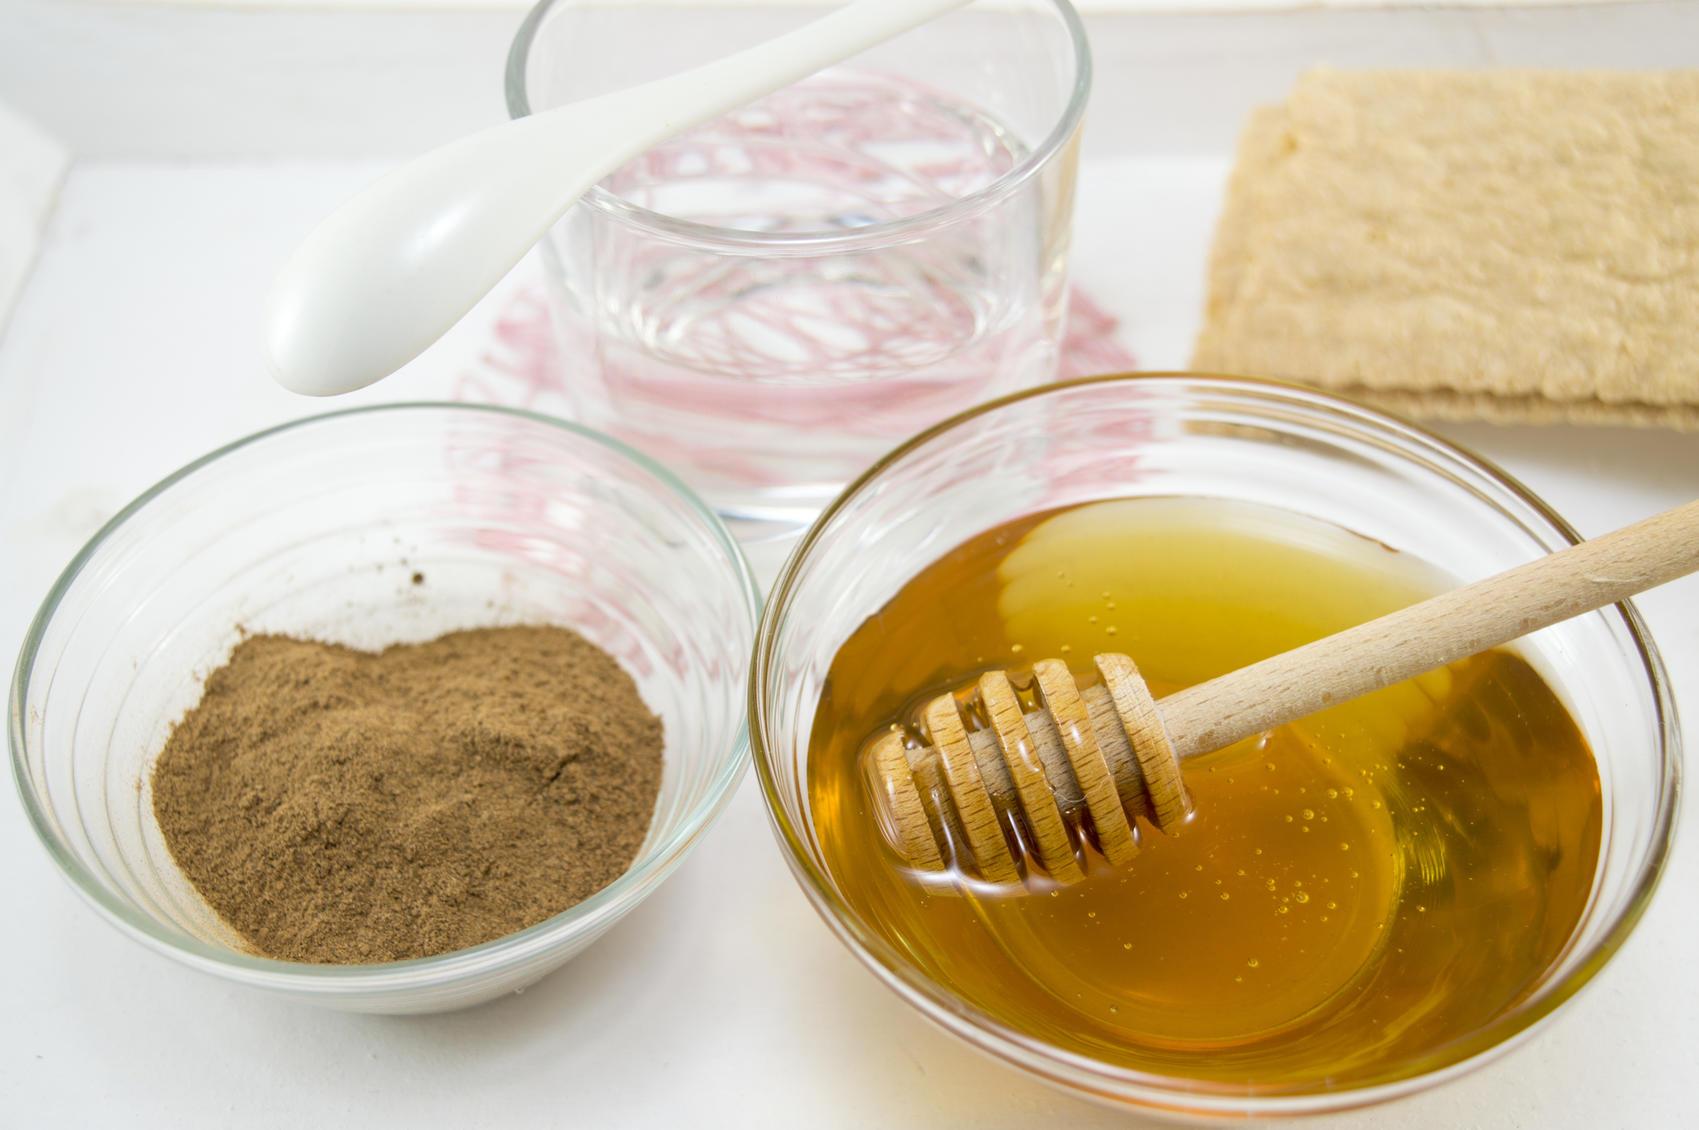 Поможет Ли Мед И Корица Похудеть. Корица и мед для похудения: способы употребления